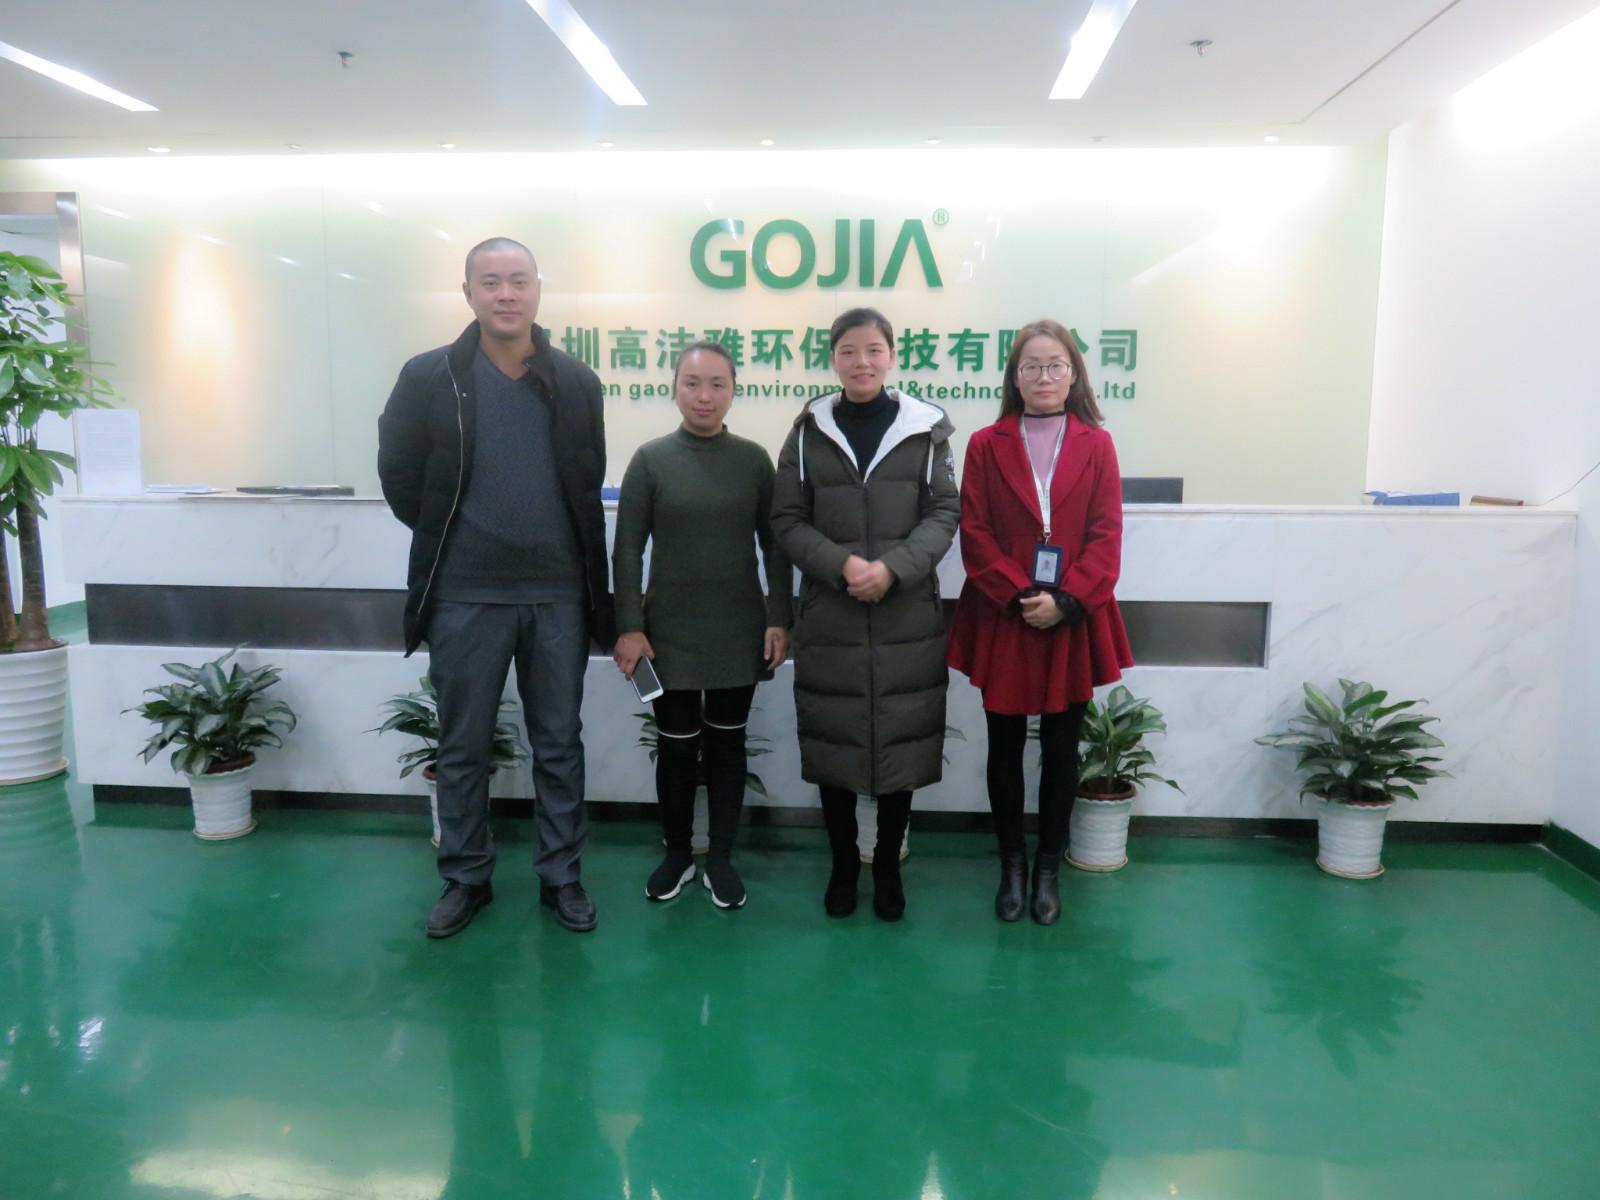 欢迎高洁雅除甲醛加盟—来自重庆的尹总